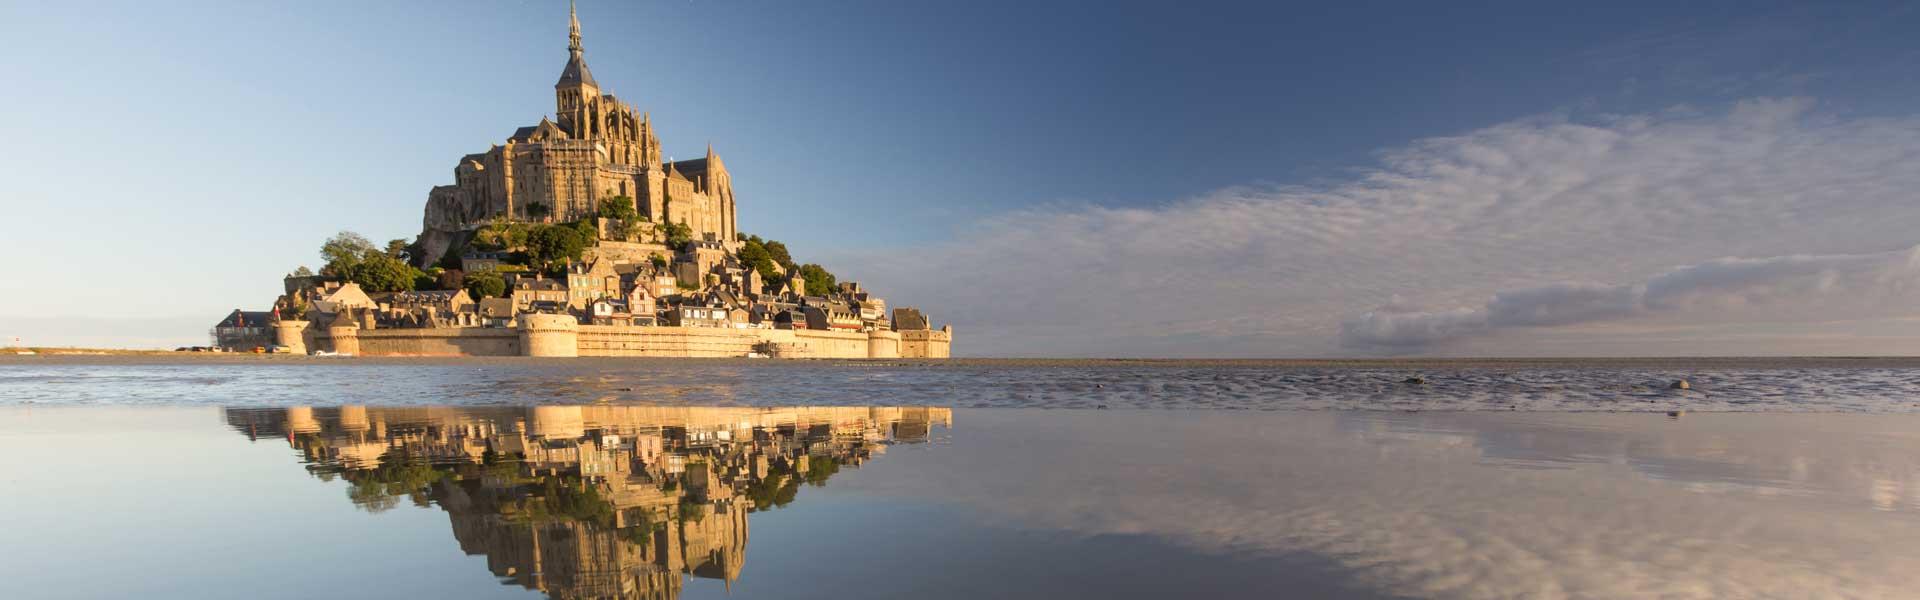 Mont Saint Michel – Lâu đài cổ kính nhất nước Pháp